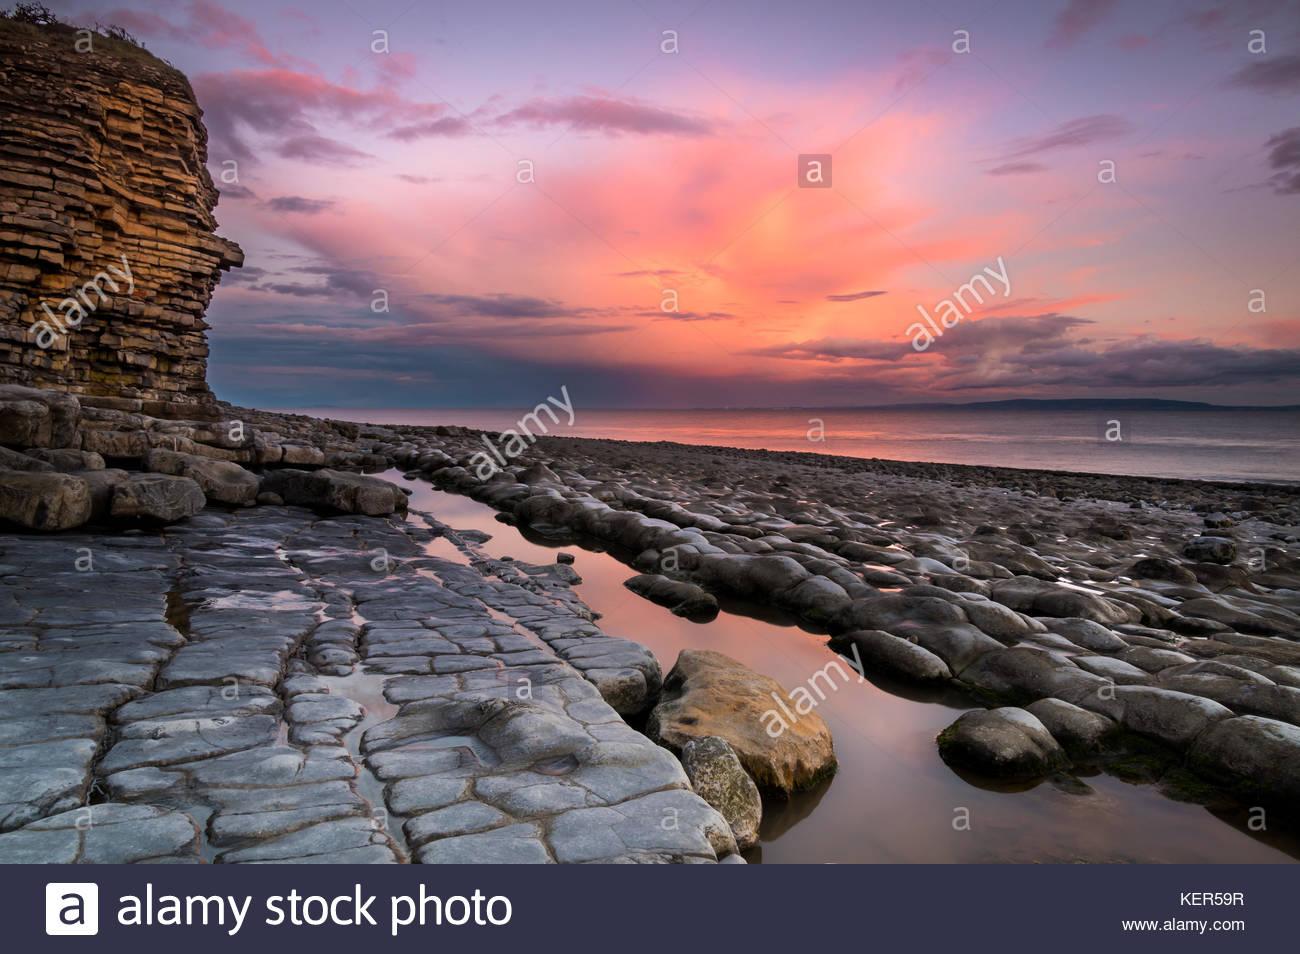 Tramonto mozzafiato seascape fotografia scattata presso la costa del patrimonio, rhoose punto, Vale of Glamorgan Immagini Stock